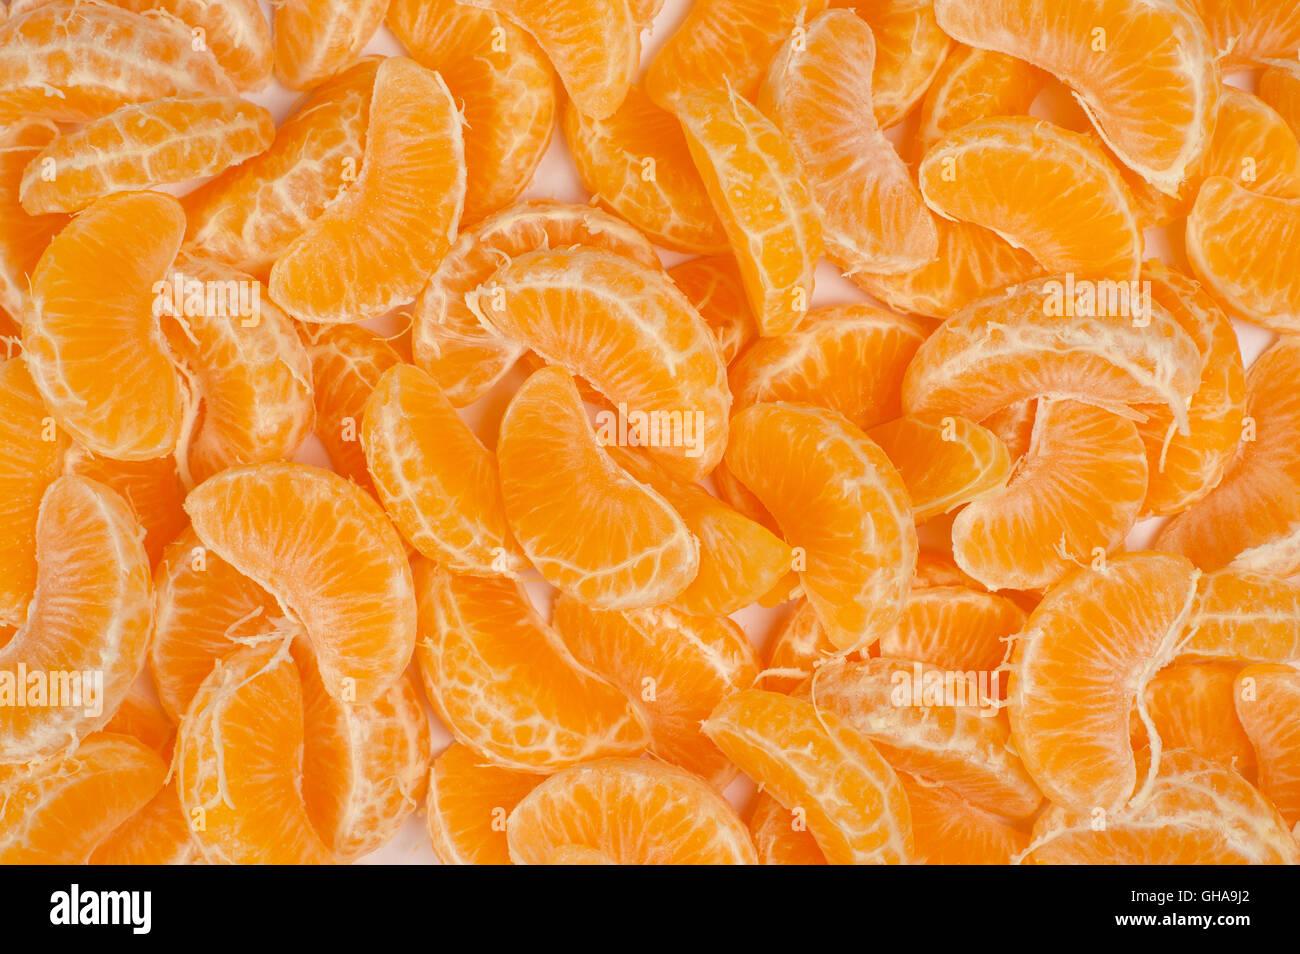 Gli sfondi di frutta - Mandarino Immagini Stock